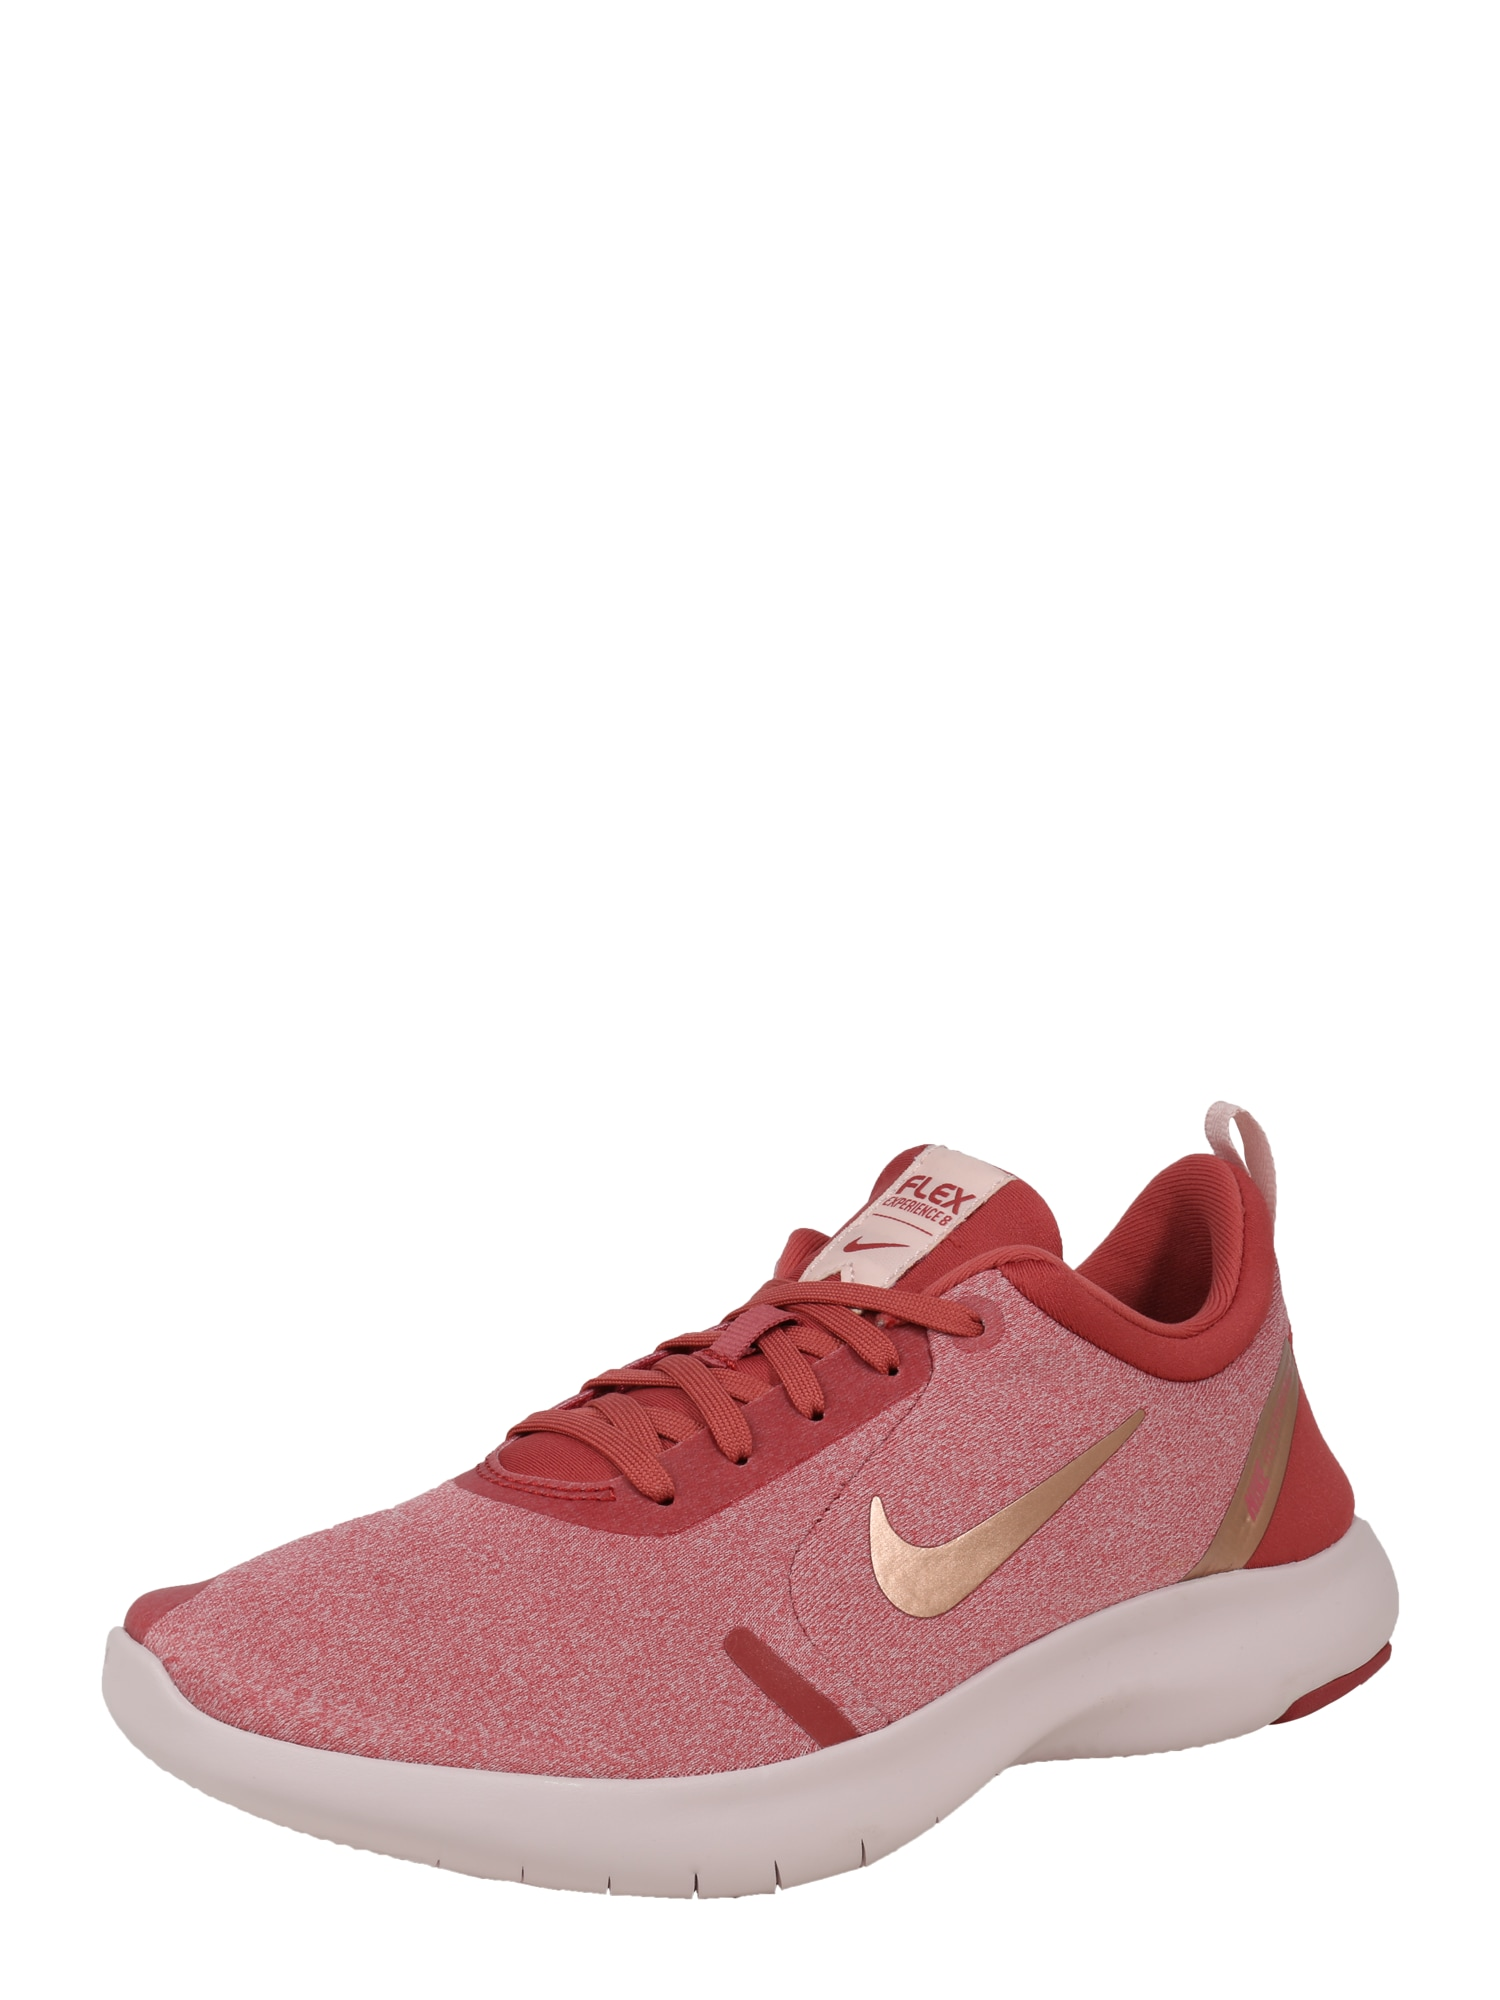 Sportovní boty Nike Flex Experience RN 8 humrová NIKE